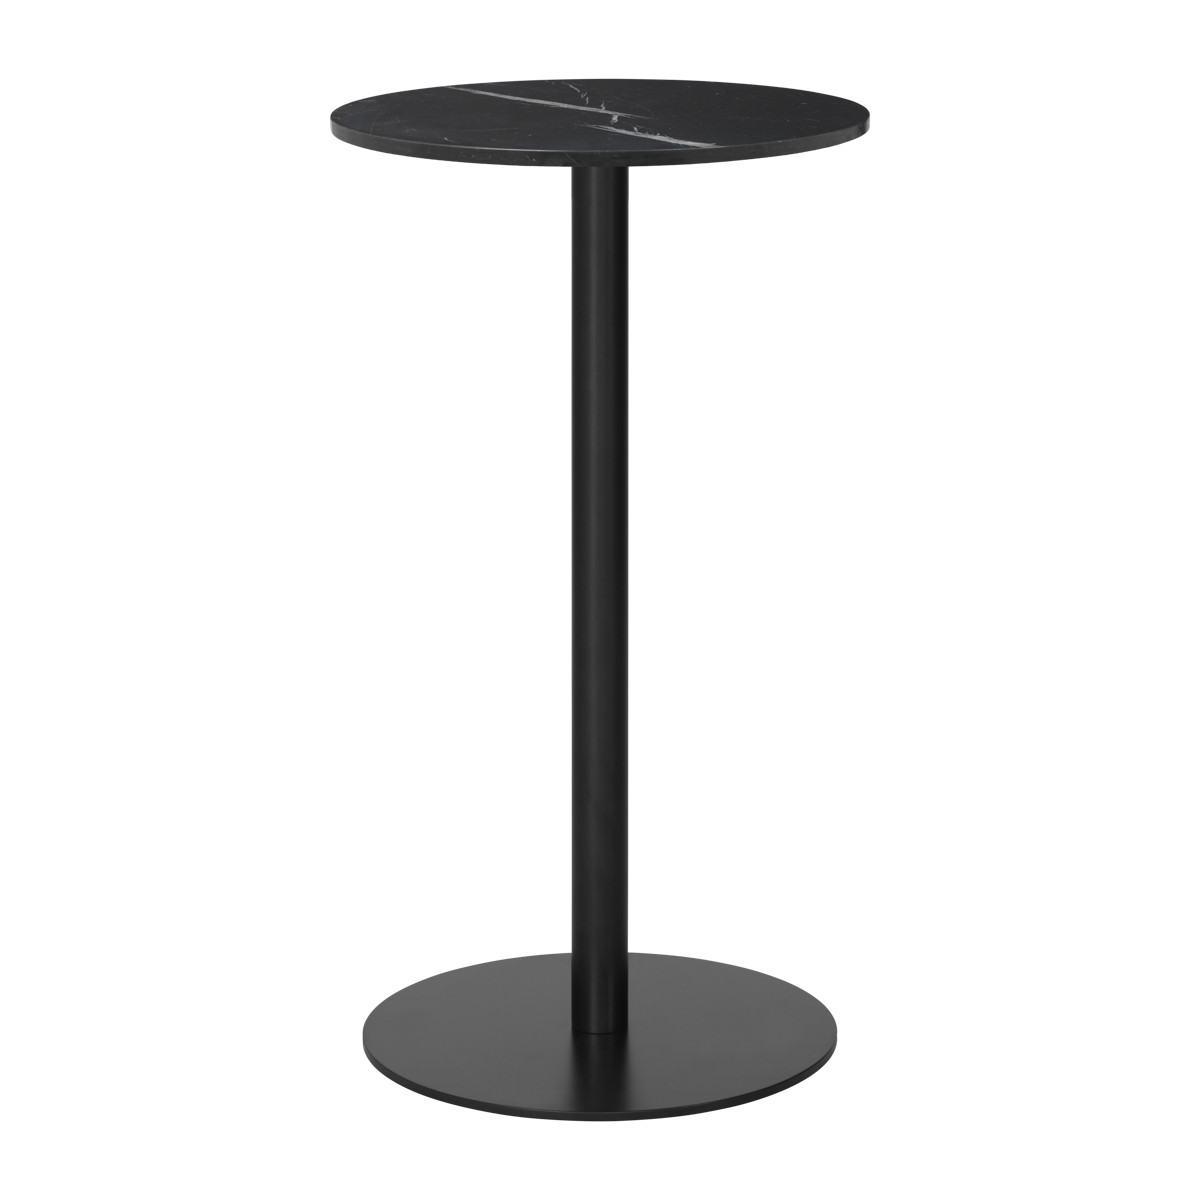 Gubi 1.0 Bar Table - Round, 60 Diameter